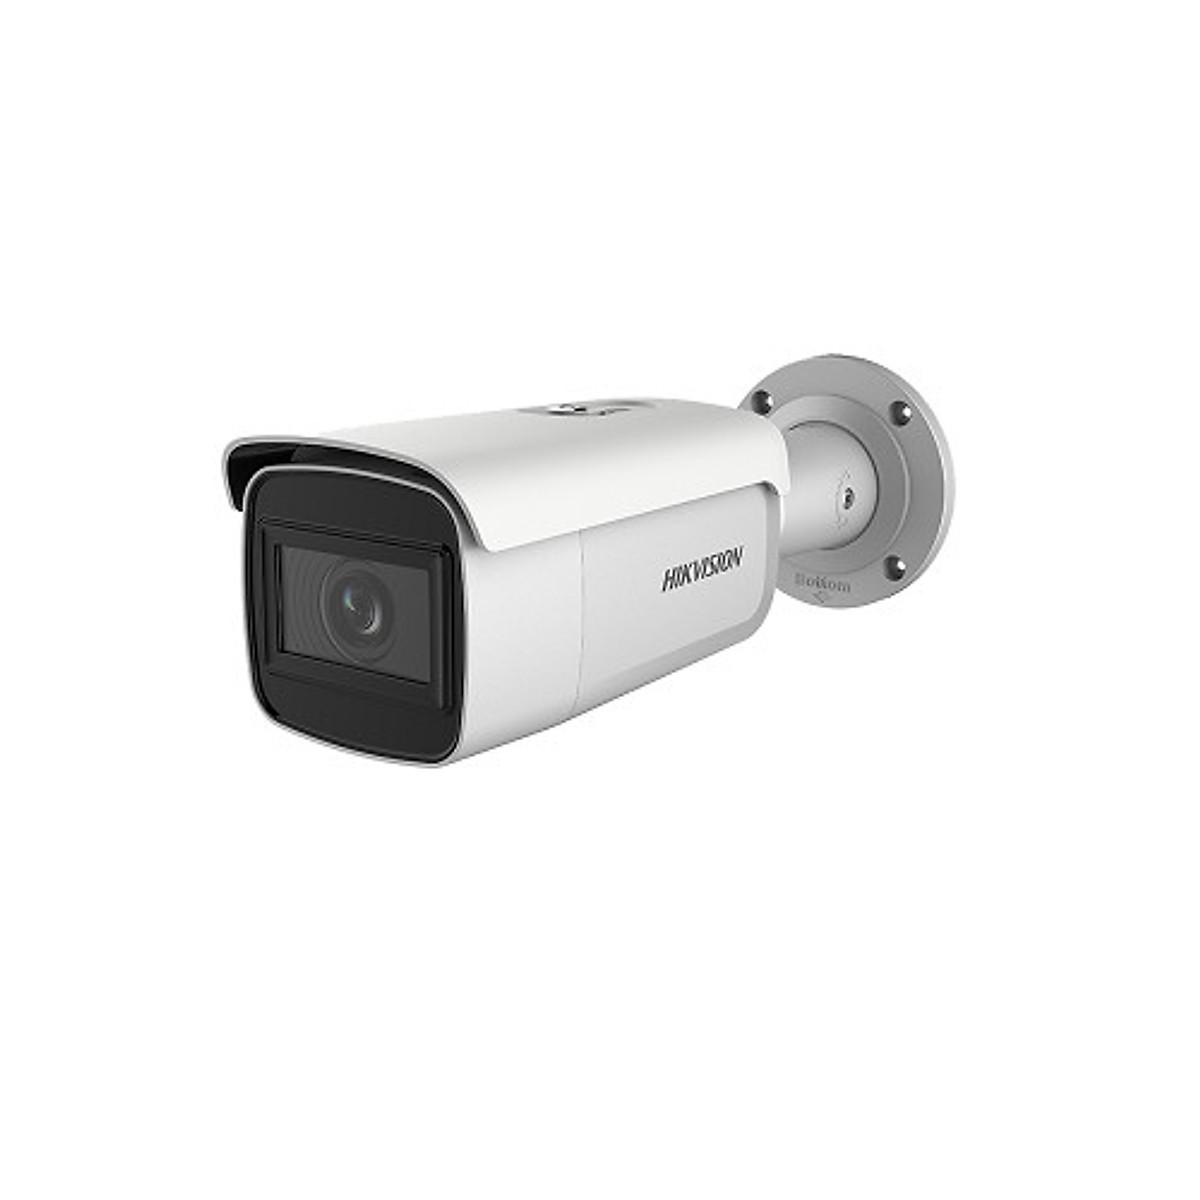 Camera IP HIKVISION DS-2CD2643G1-IZS 4MP Thân Trụ – Hàng Chính Hãng